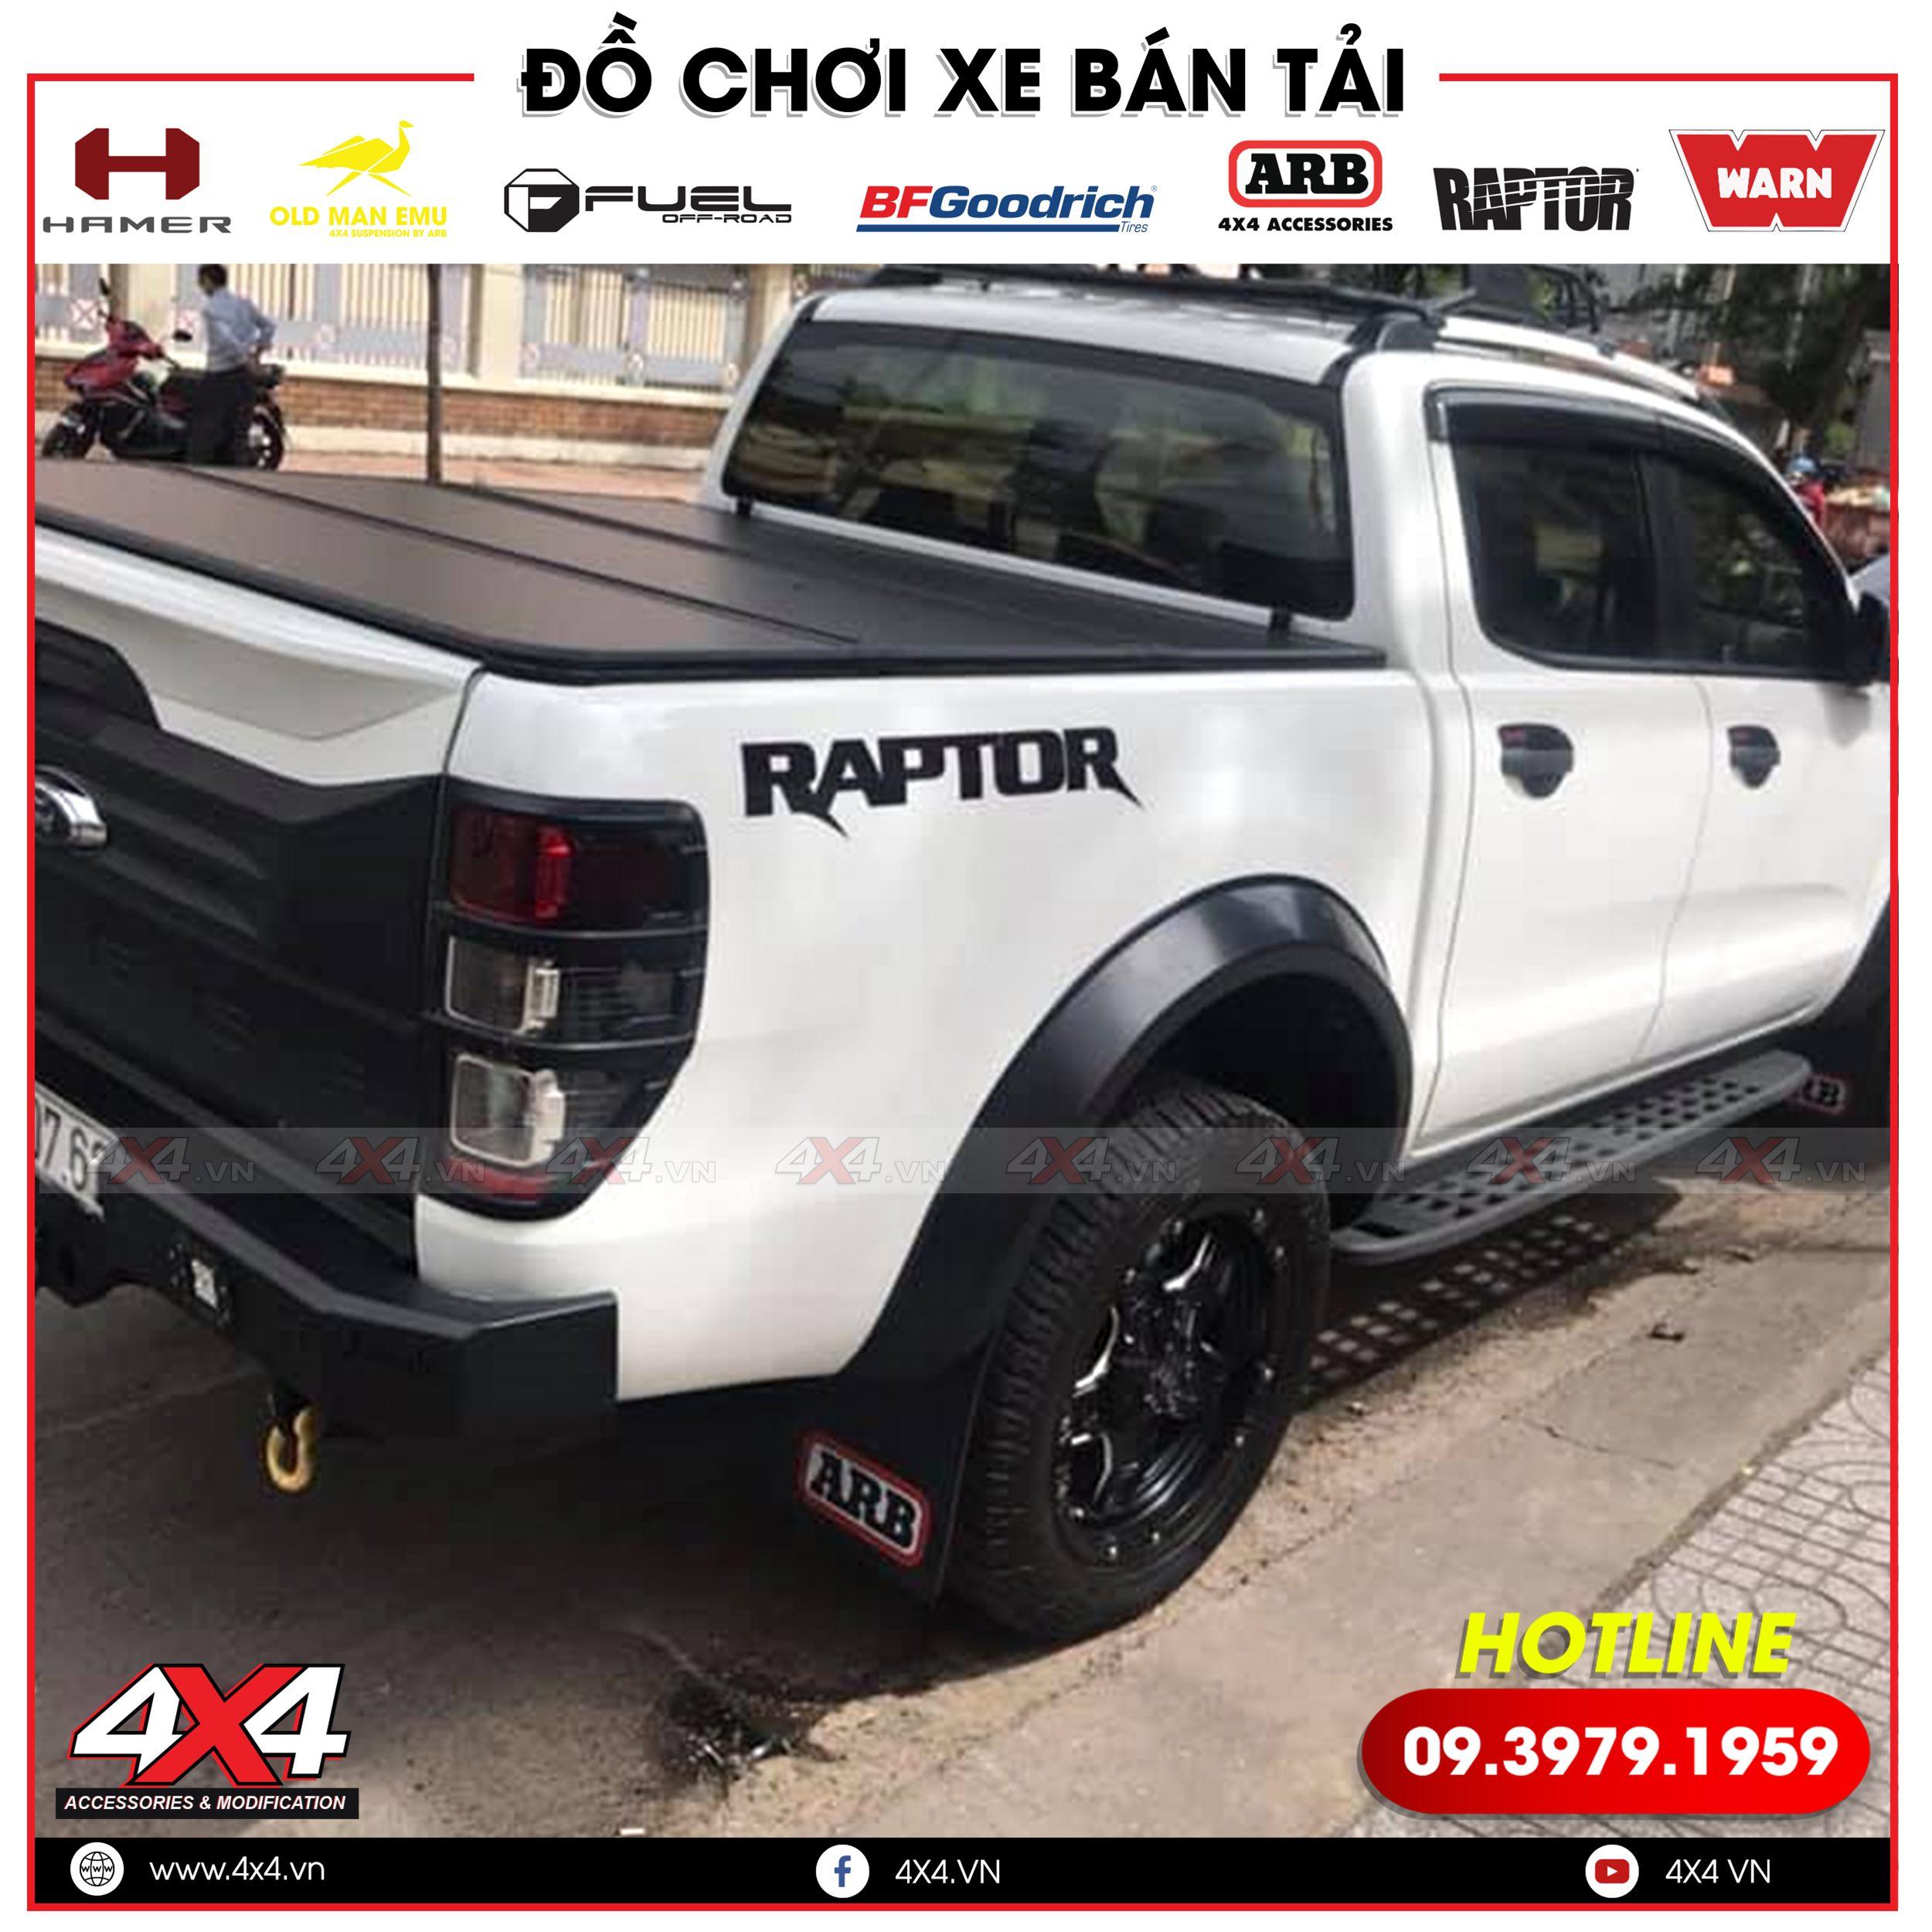 Xe bán tải Ford Ranger độ đẹp lên body kit Ranger Raptor